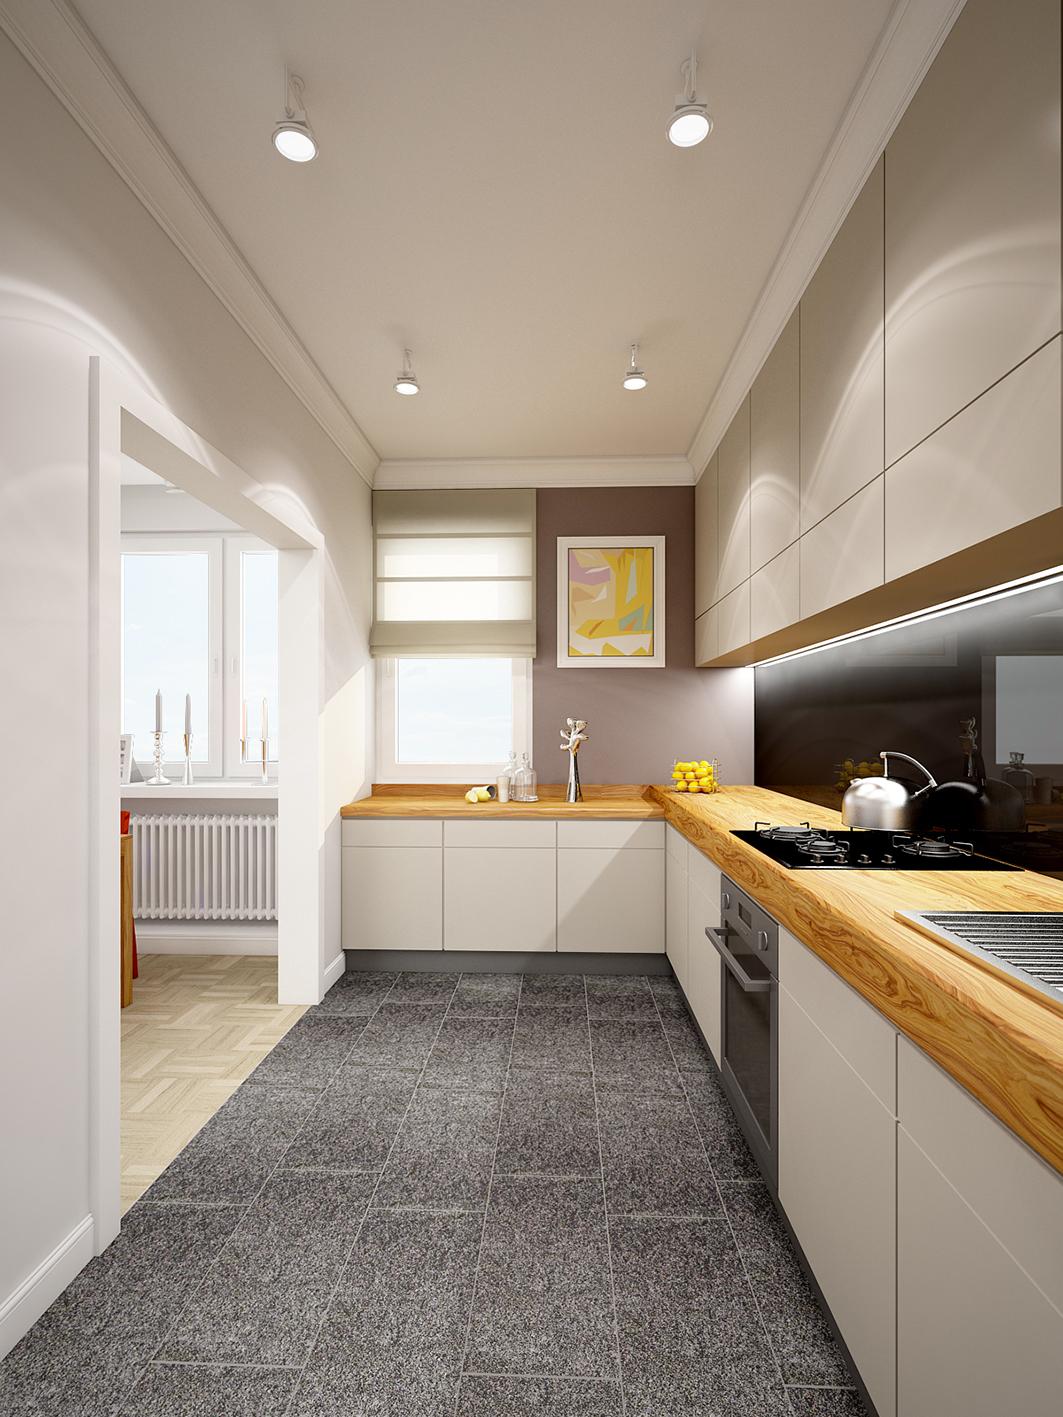 Projekt aranżacji wnętrz salon, kuchnia, sypialnia  Domsy -> Kuchnia Poddasze Salon Sypialnia